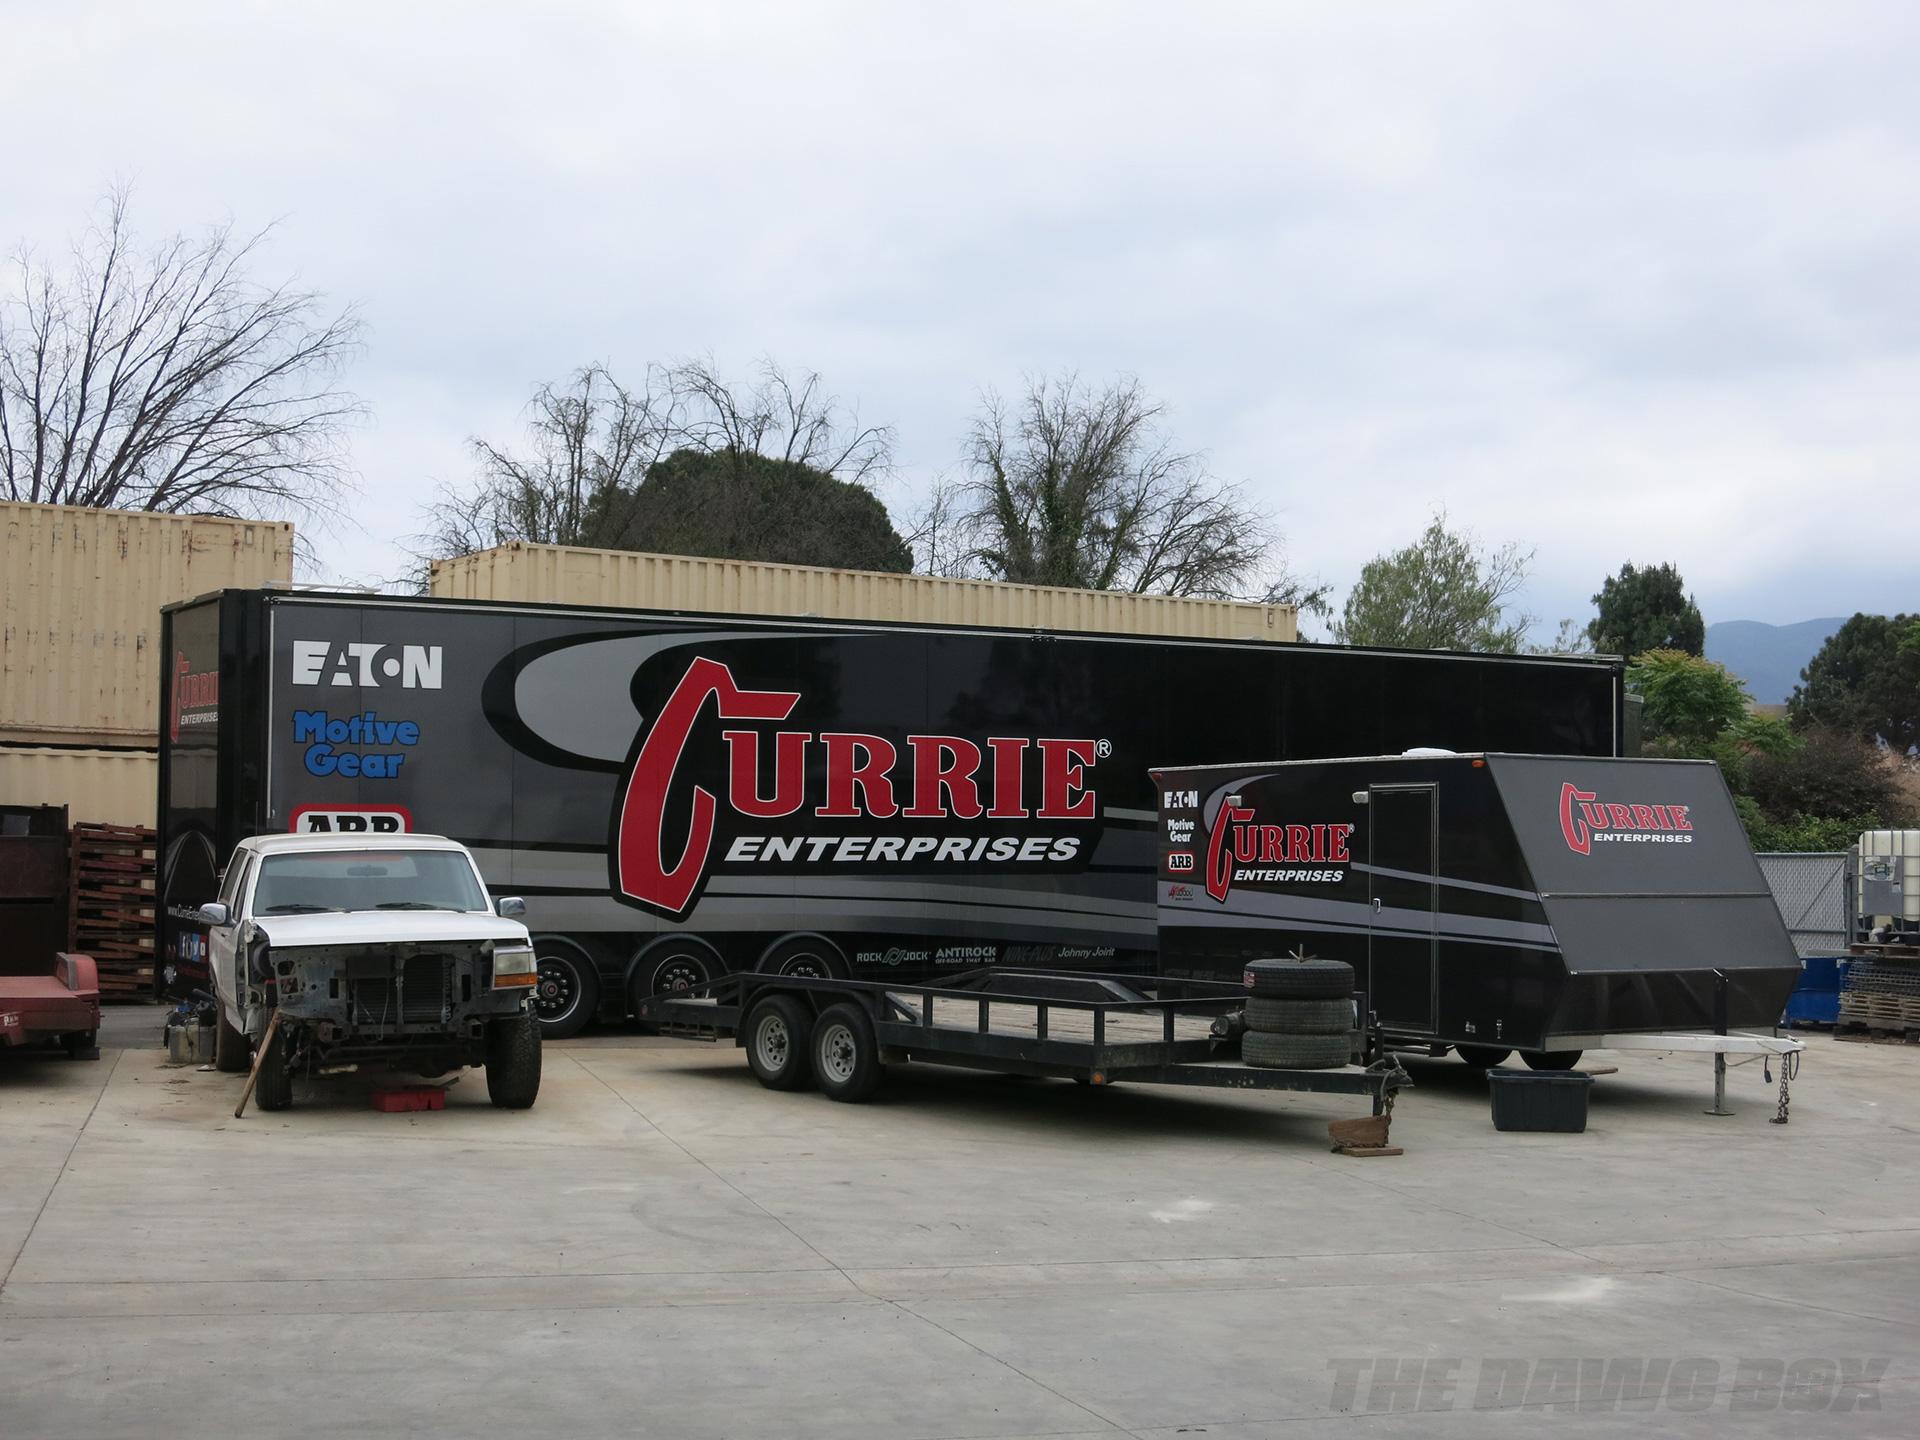 Currie Enterprises, Show Rigs